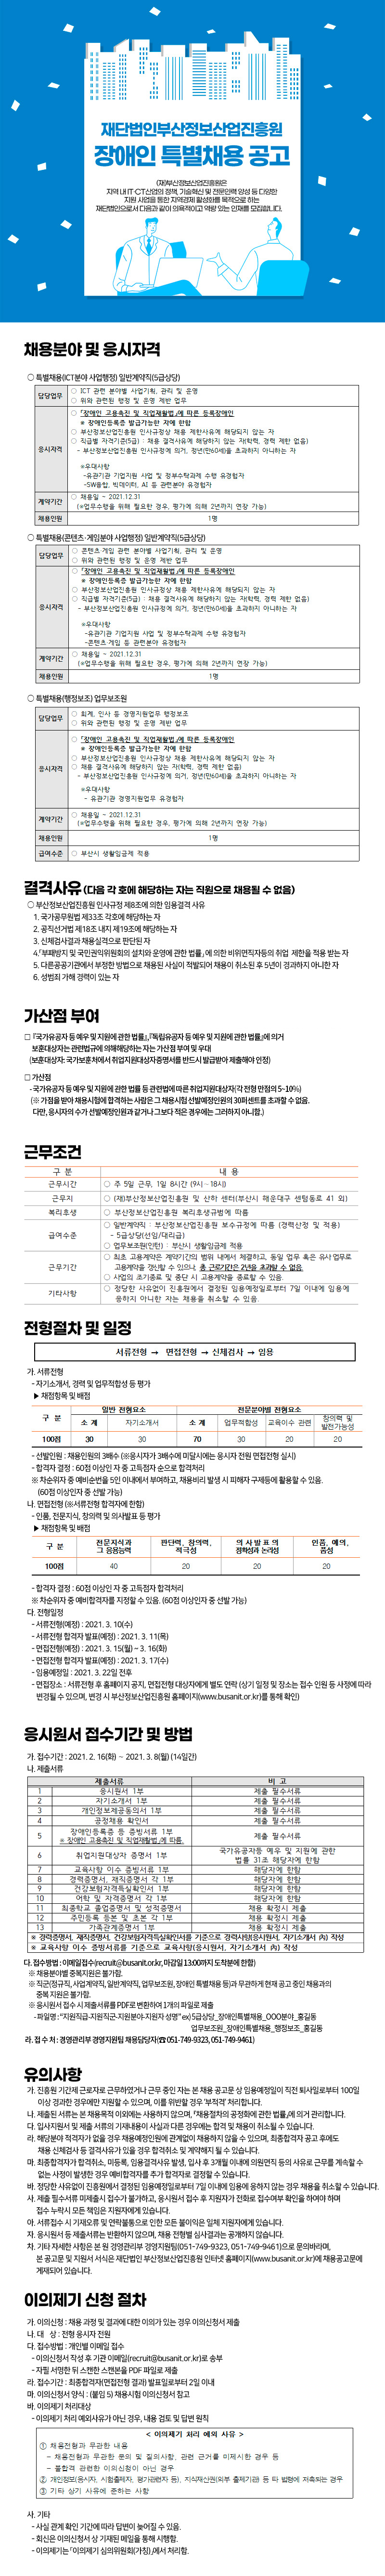 (재)부산정보산업진흥원 장애인 특별채용 공고